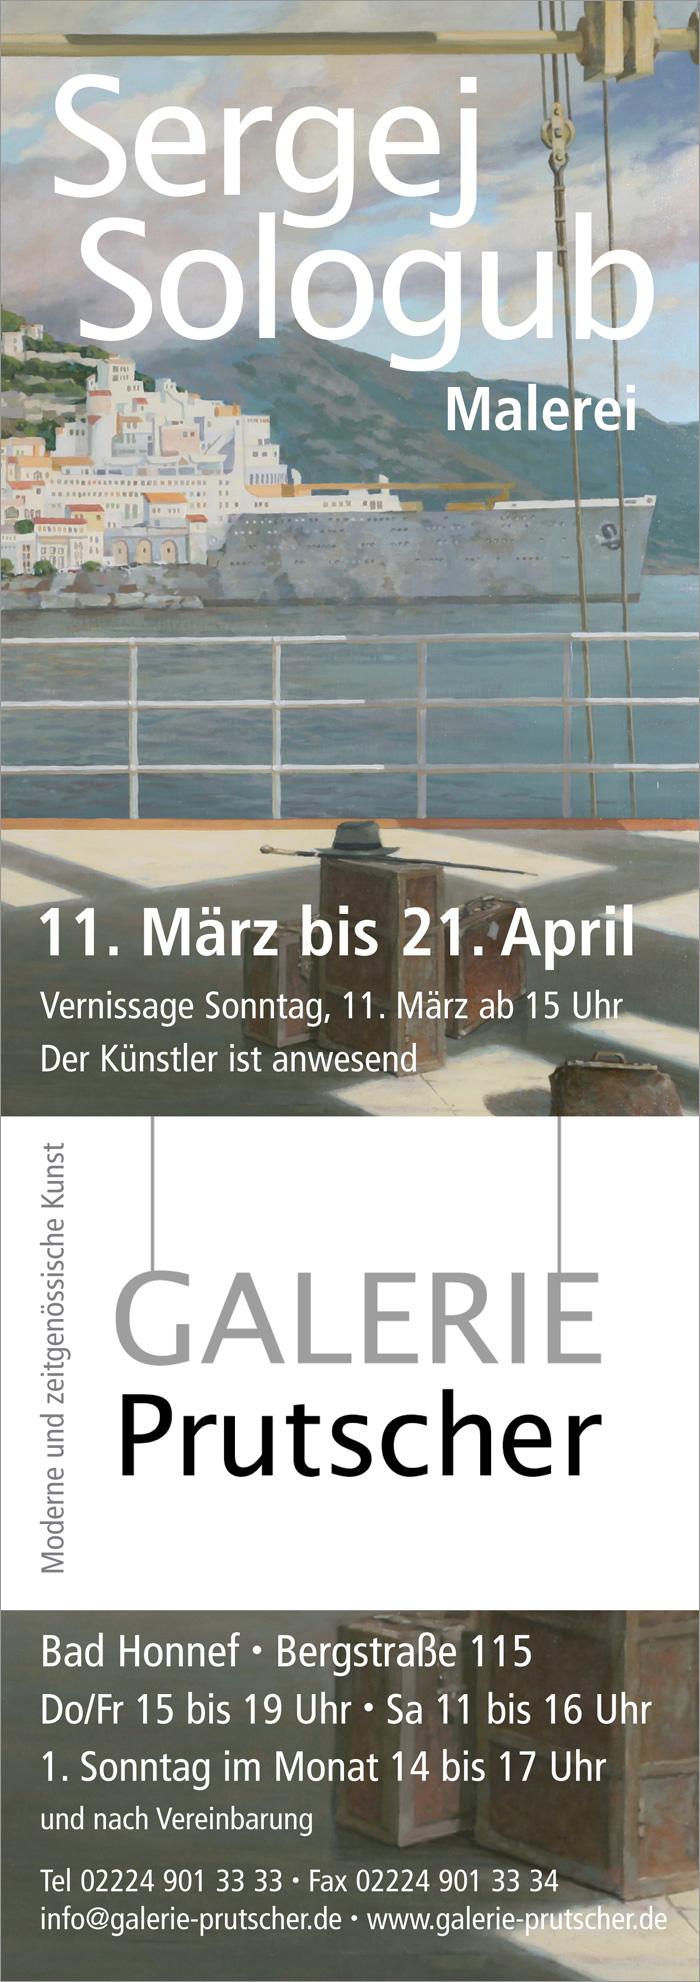 Galerie Prutscher | Fahne für die Aussenwerbung